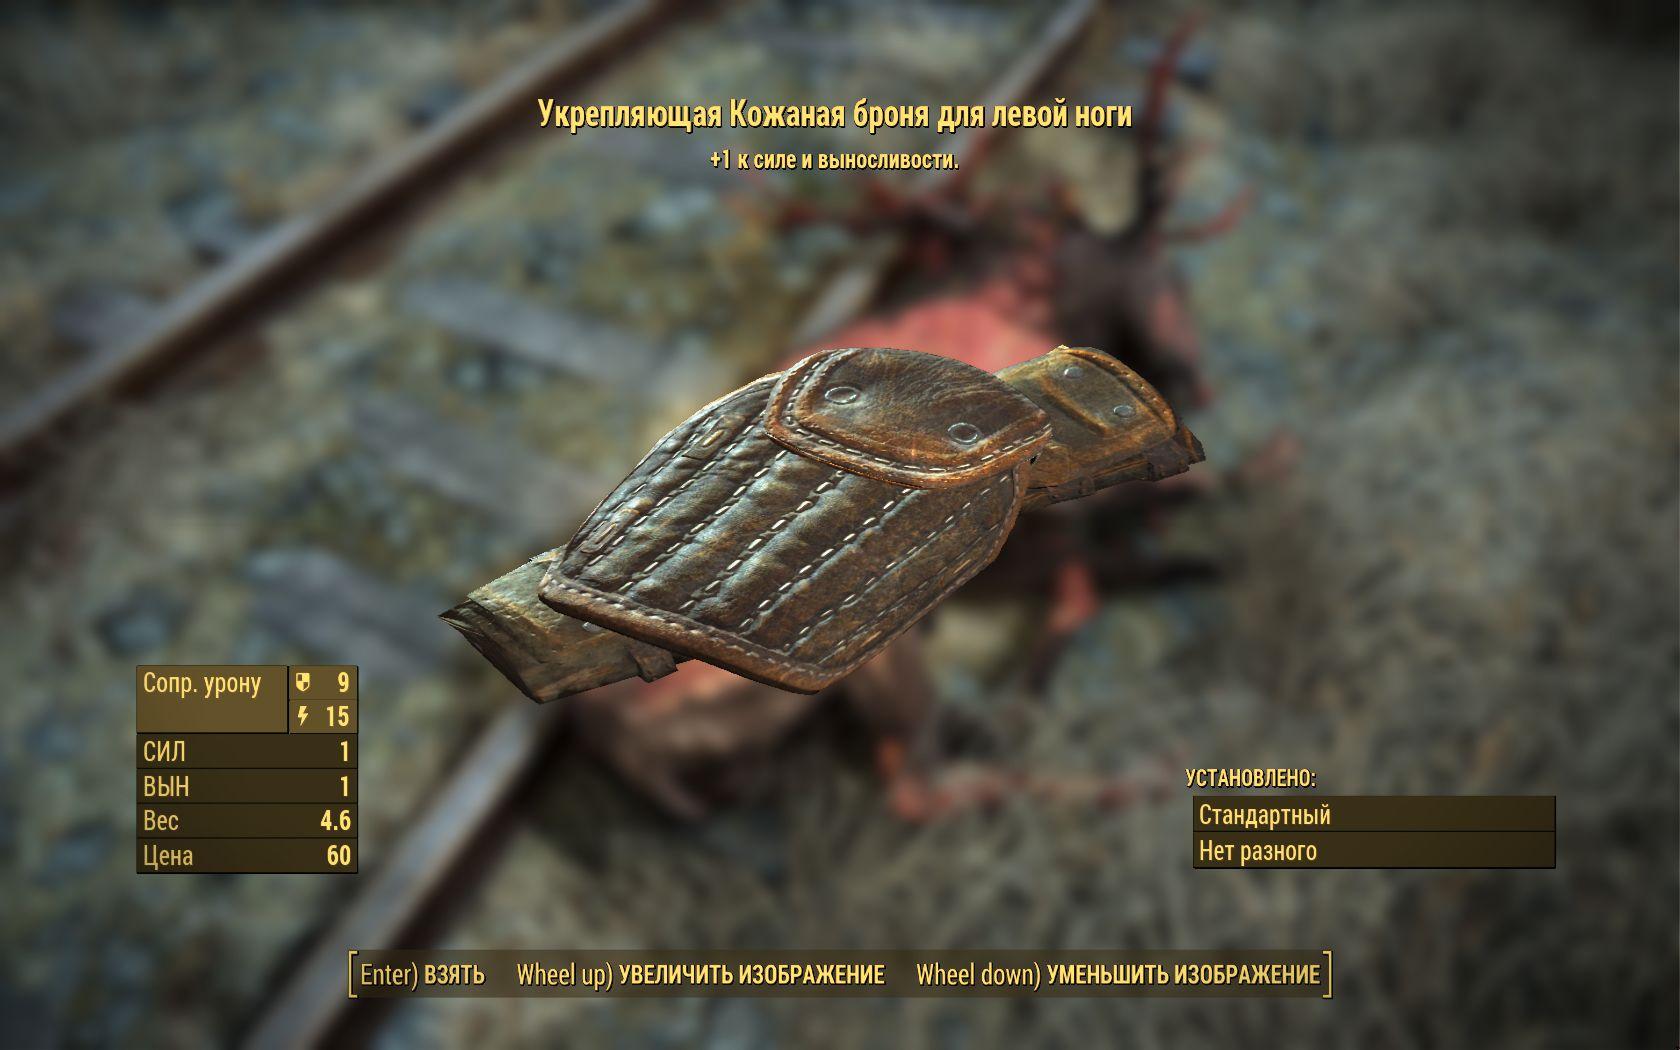 Укрепляющая кожаная броня для левой ноги - Fallout 4 броня